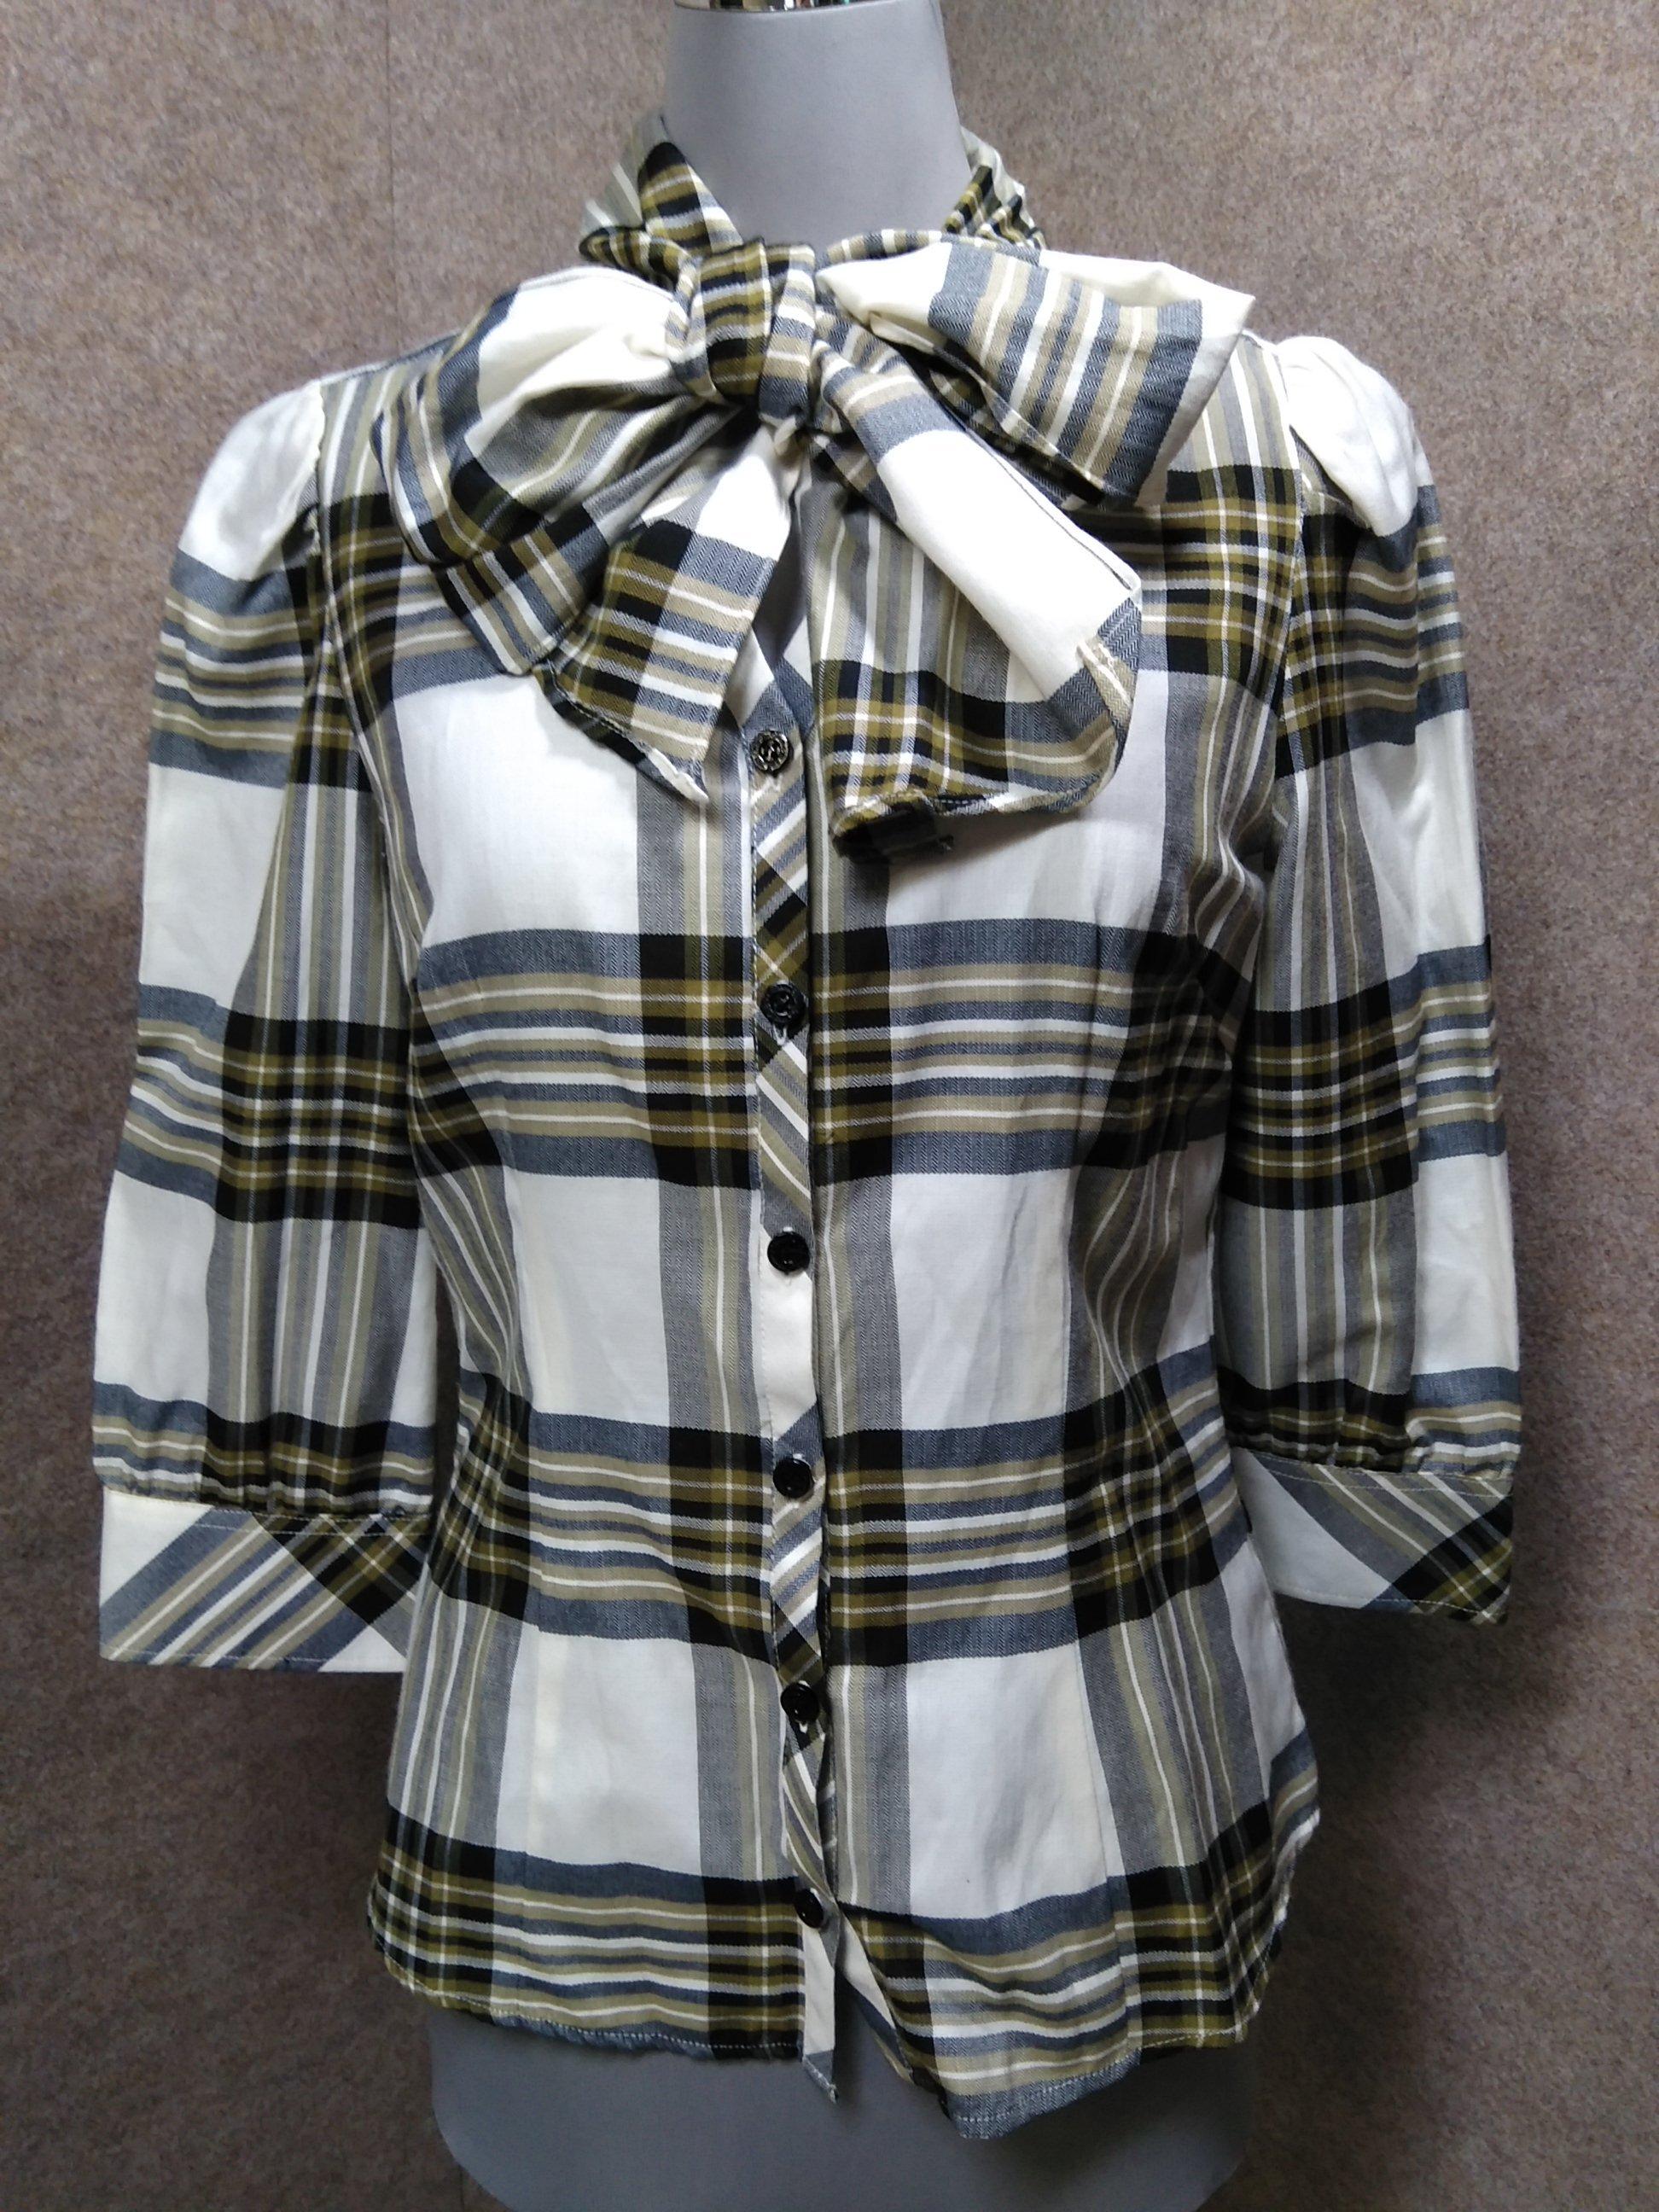 ナラカミーチェ ストールリボン付きシャツ 7分袖 Ⅰ チェック mu941c